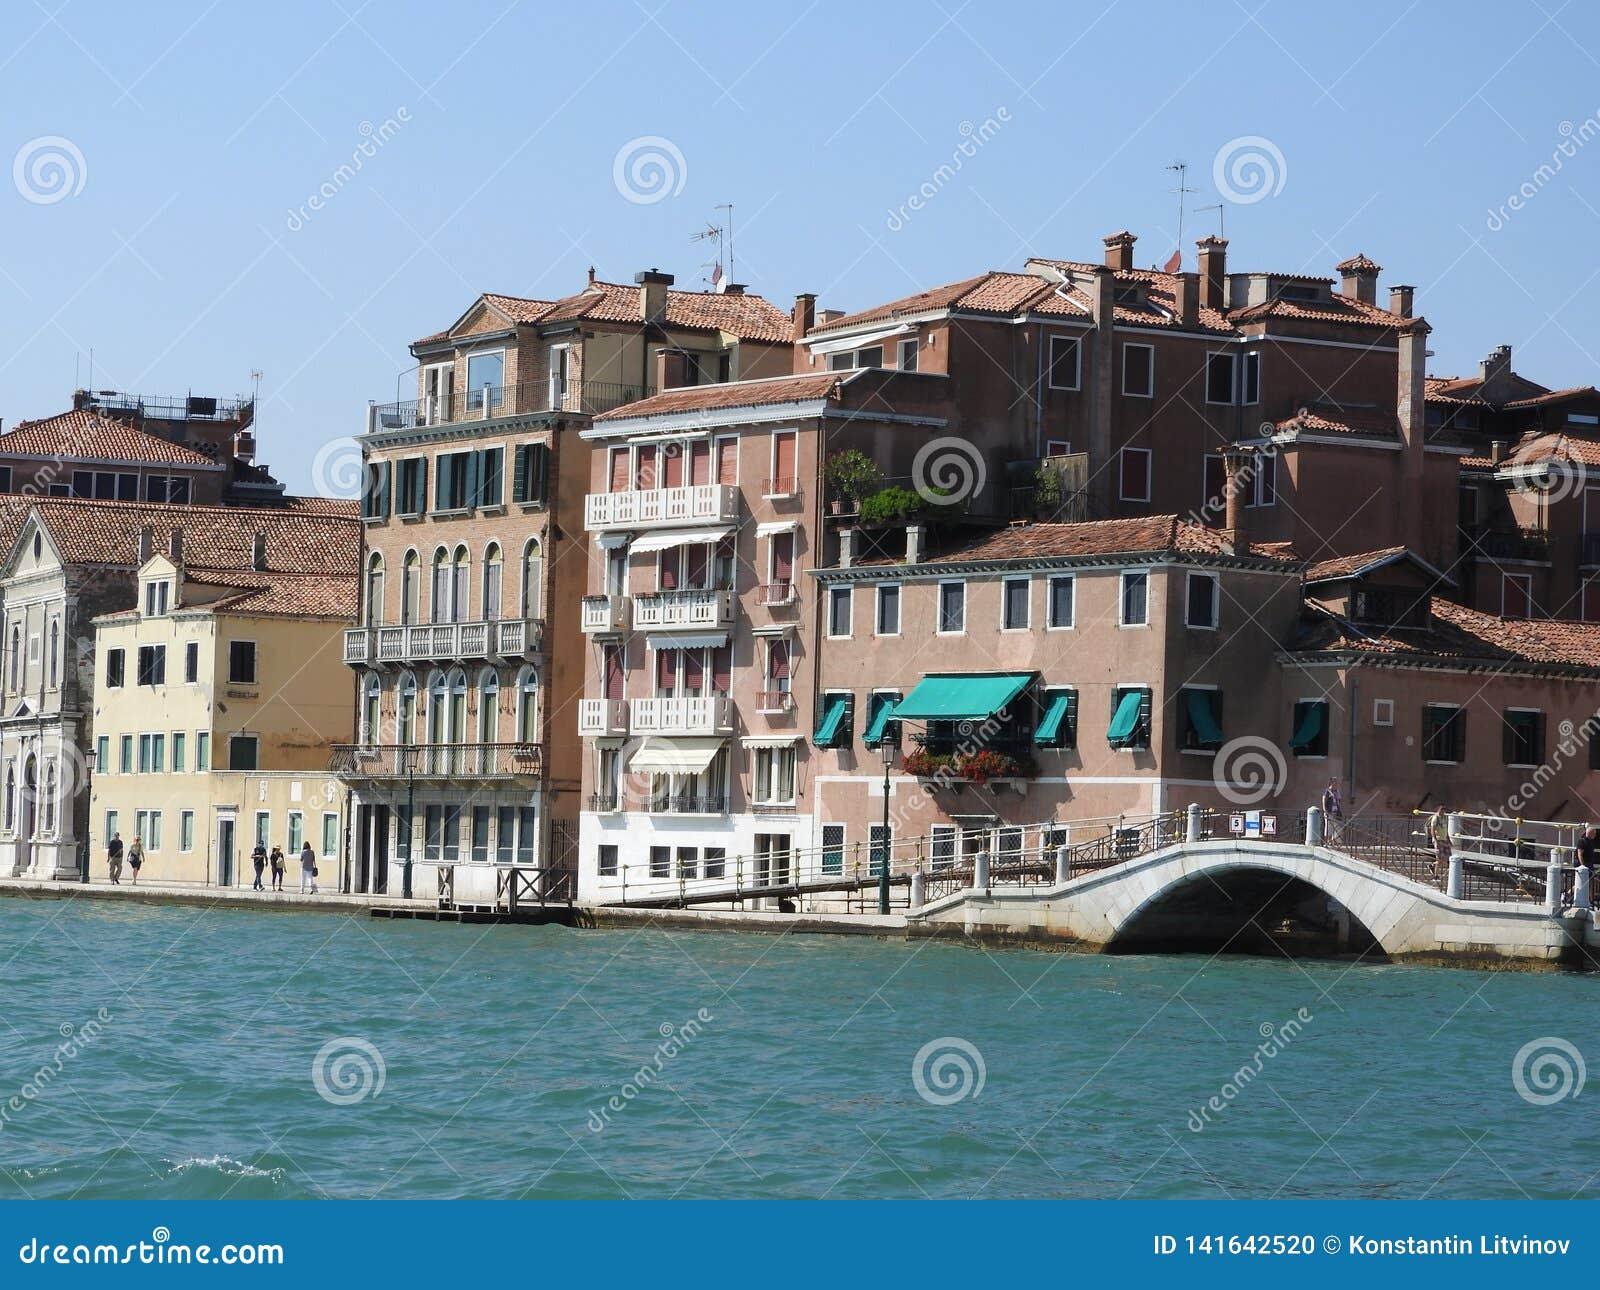 Άποψη της Βενετίας, της Ιταλίας και της άλλης αρχιτεκτονικής του από το μεγάλο κανάλι, σαφής ημέρα